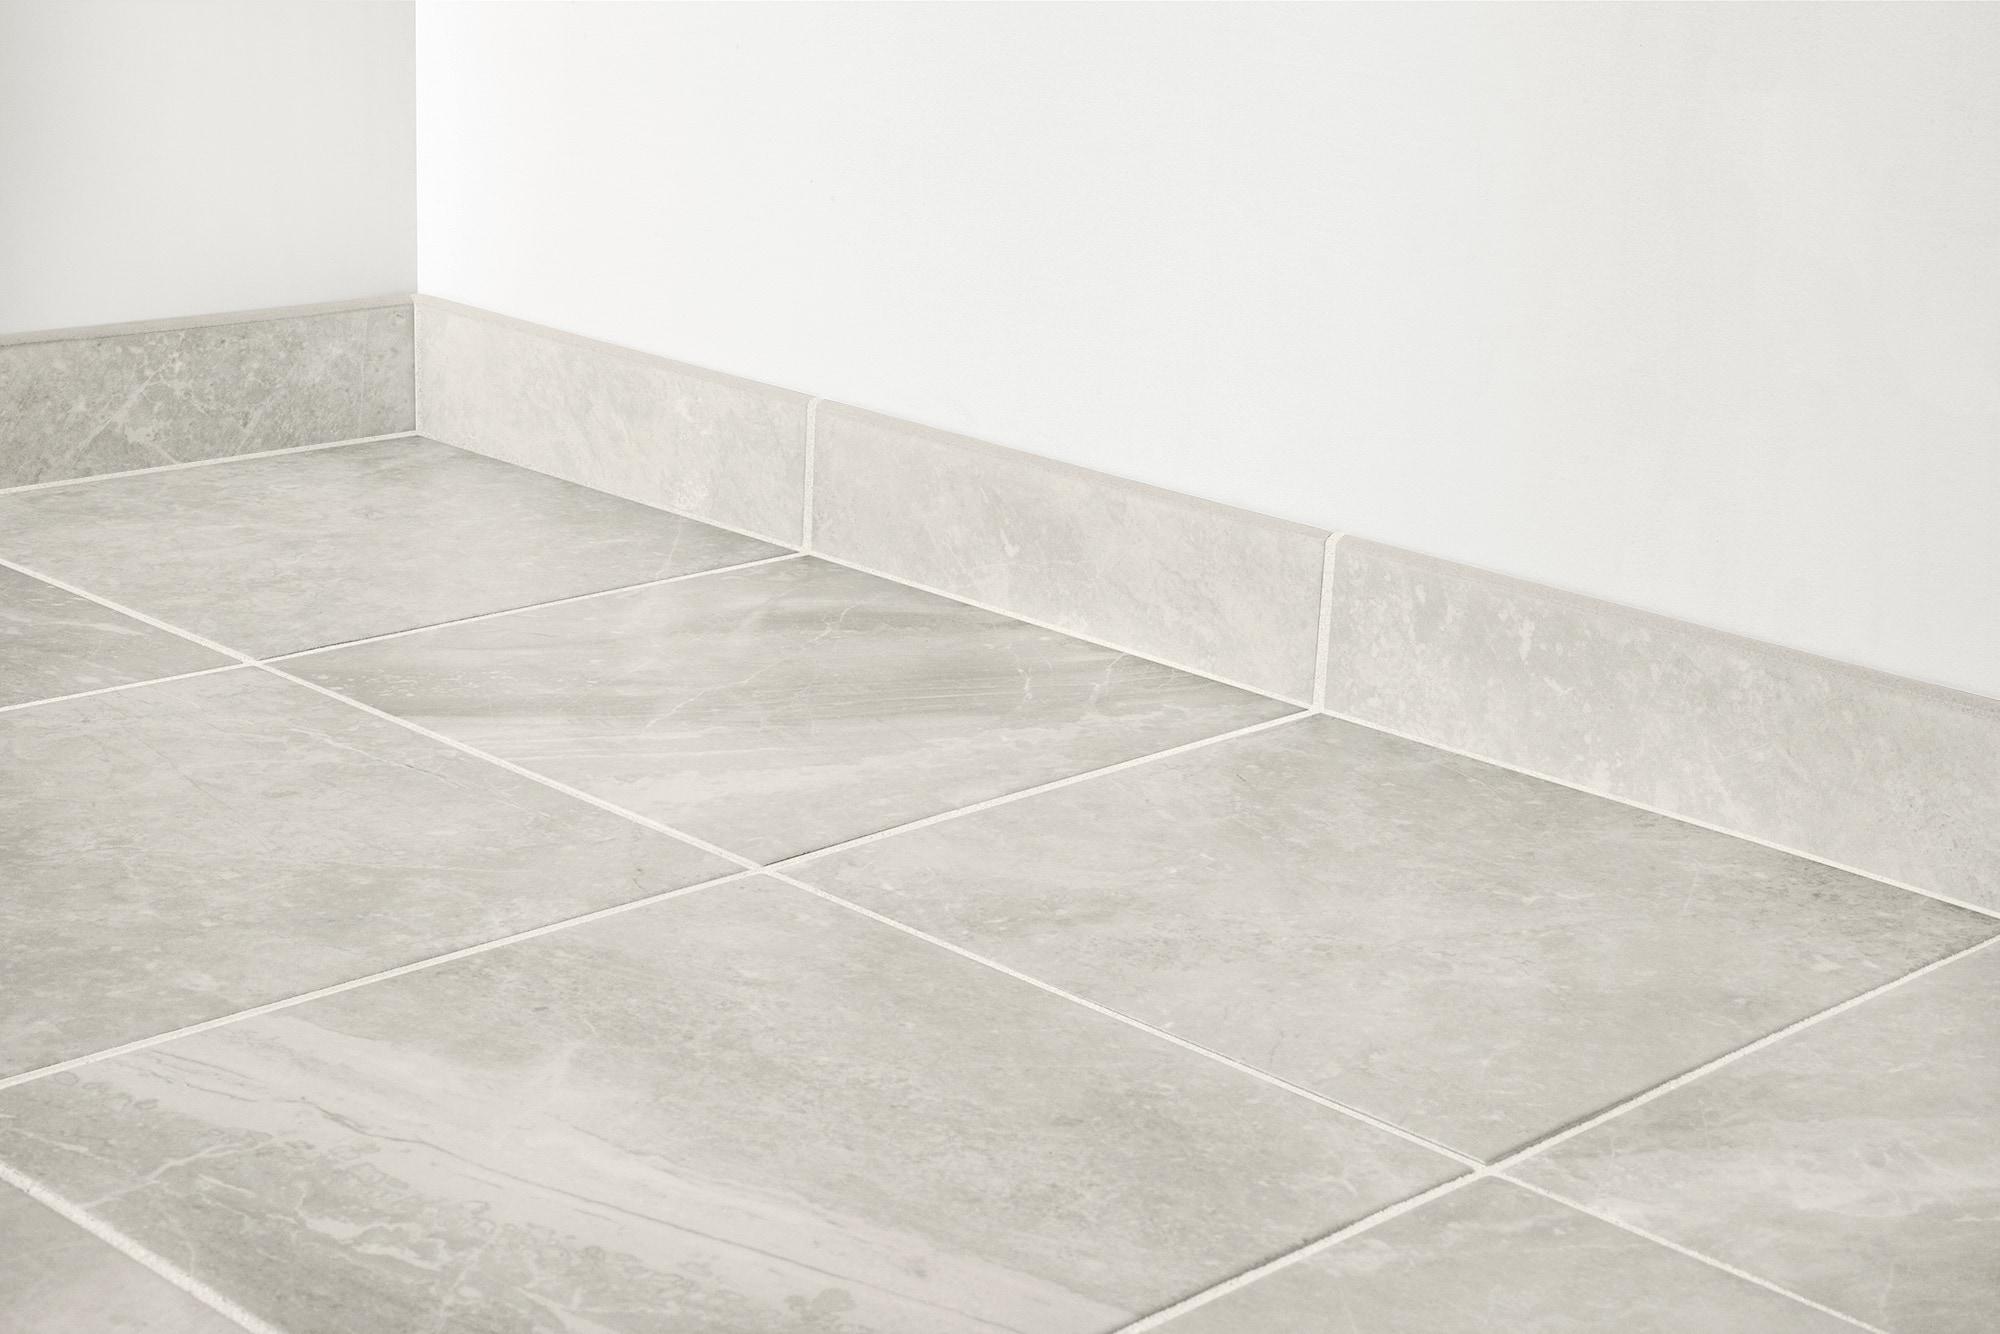 White / 3x12 - Bullnose / Matte Porcelain Tile - Desire Series 0